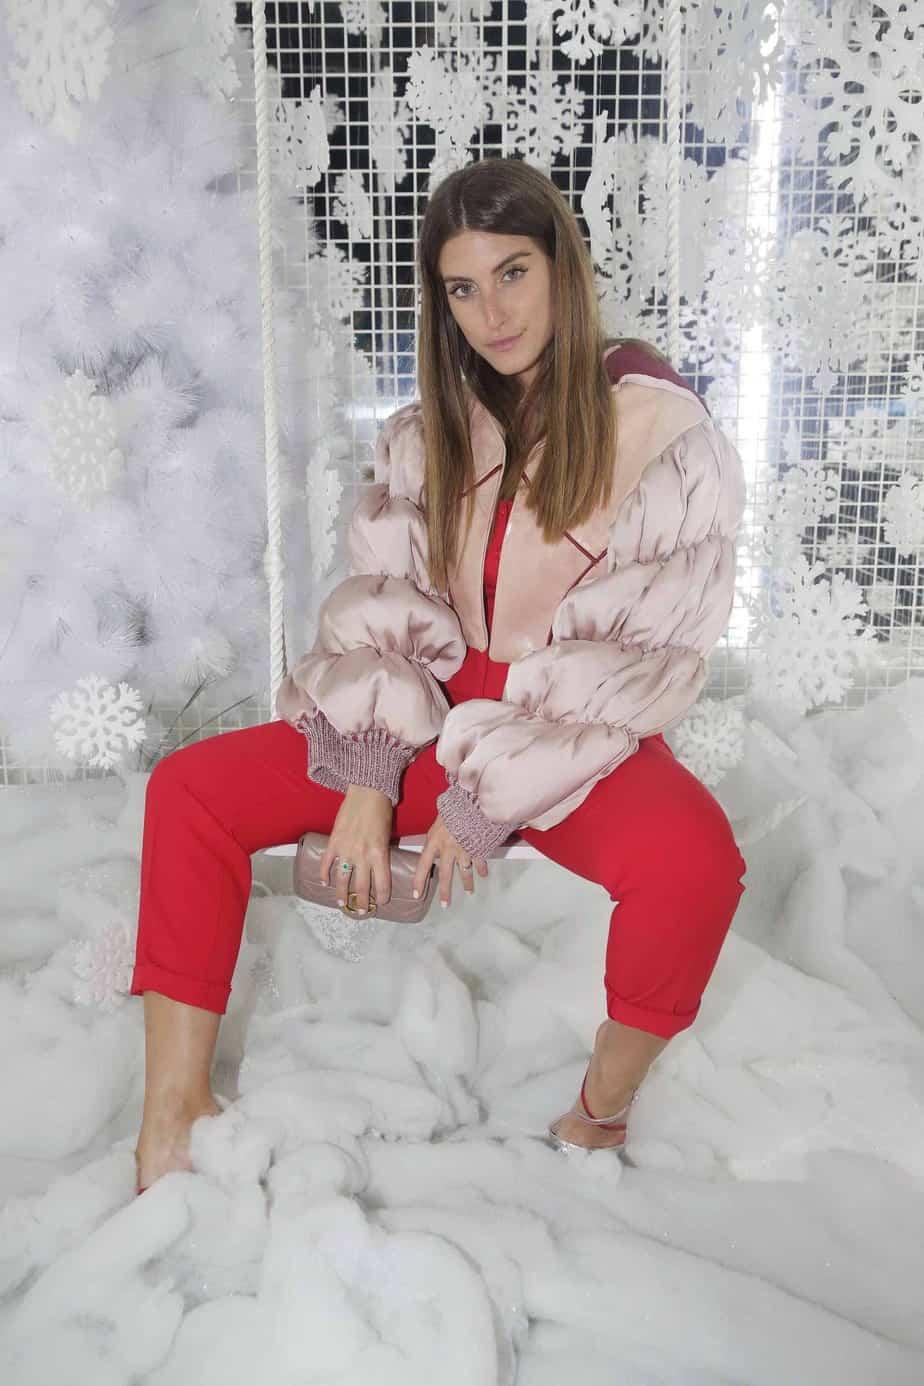 דנה זרמון התאימה את עצמה לשבוע האופנה והפציצה בלוק עם מלא סטייל. צילום: שוקה כהן